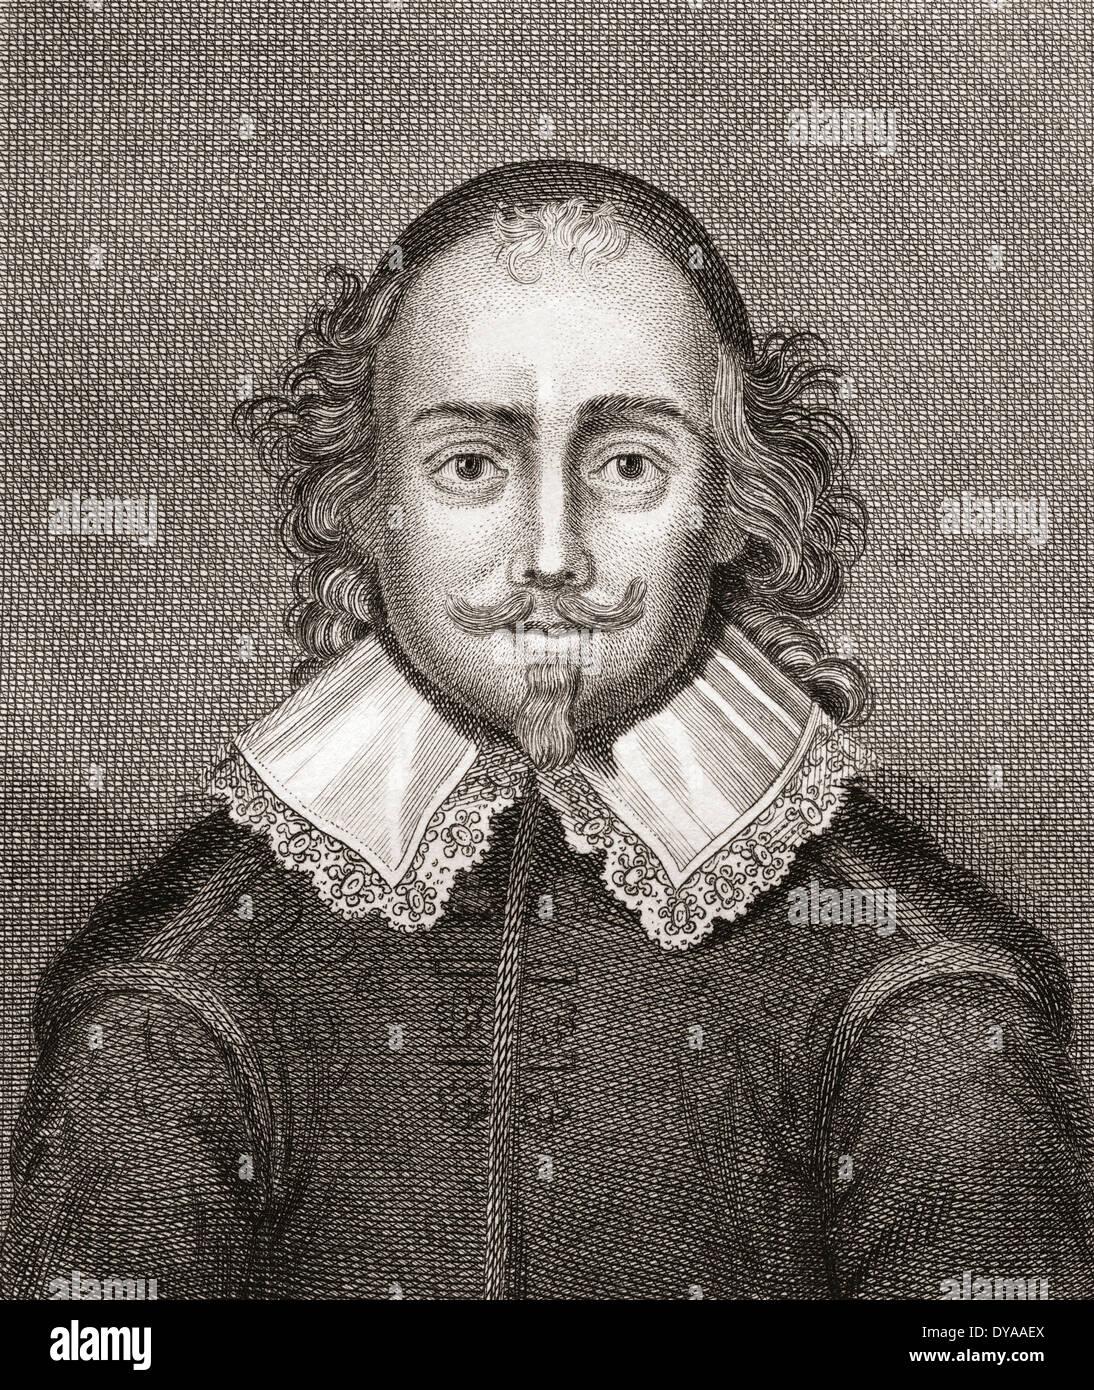 Alexander Erskine, 1598-1656. Plenipotenziario per la Svezia con il Trattato di Munster nel 1648. Immagini Stock